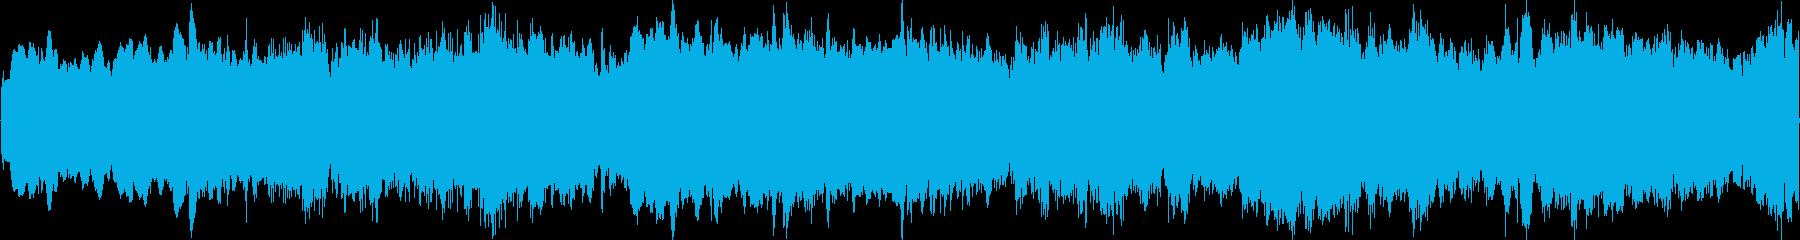 神秘的アンビエントヒーリングの再生済みの波形